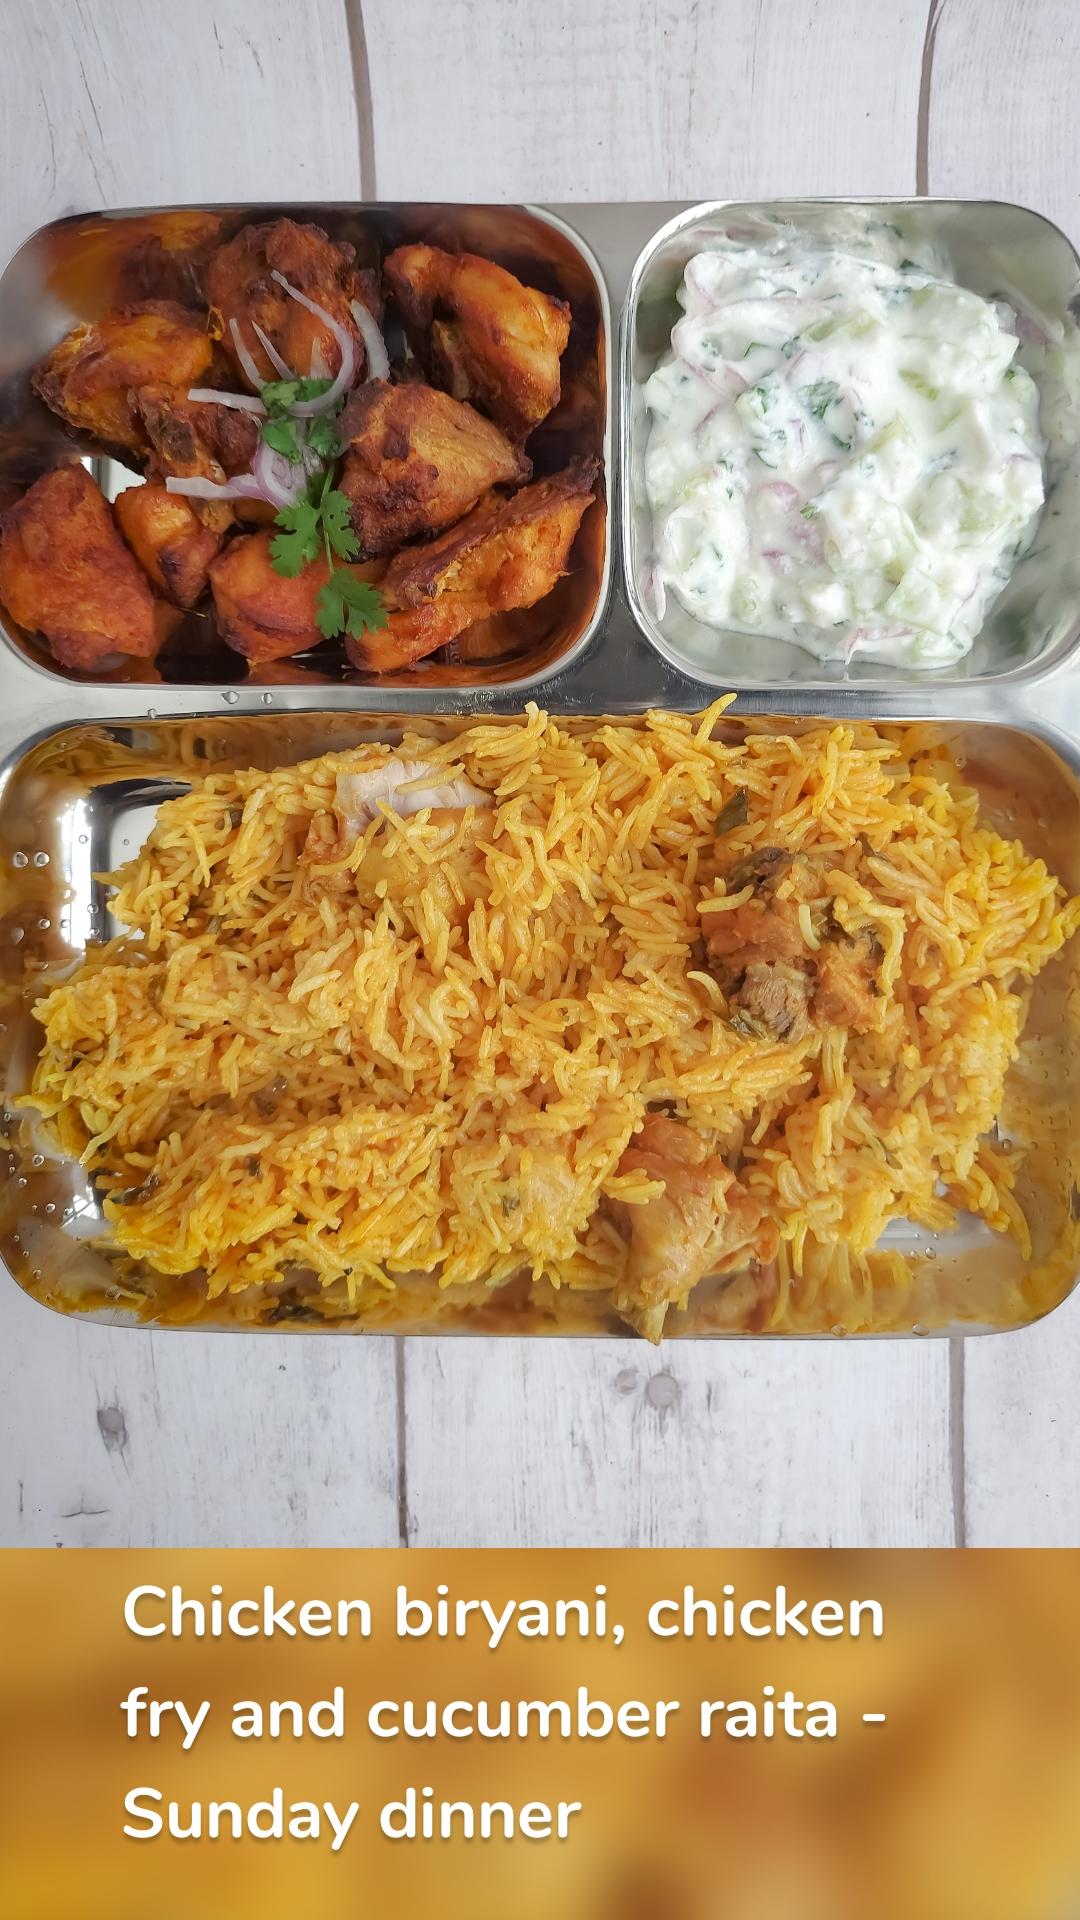 Chicken biryani, chicken fry and cucumber raita - Sunday dinner